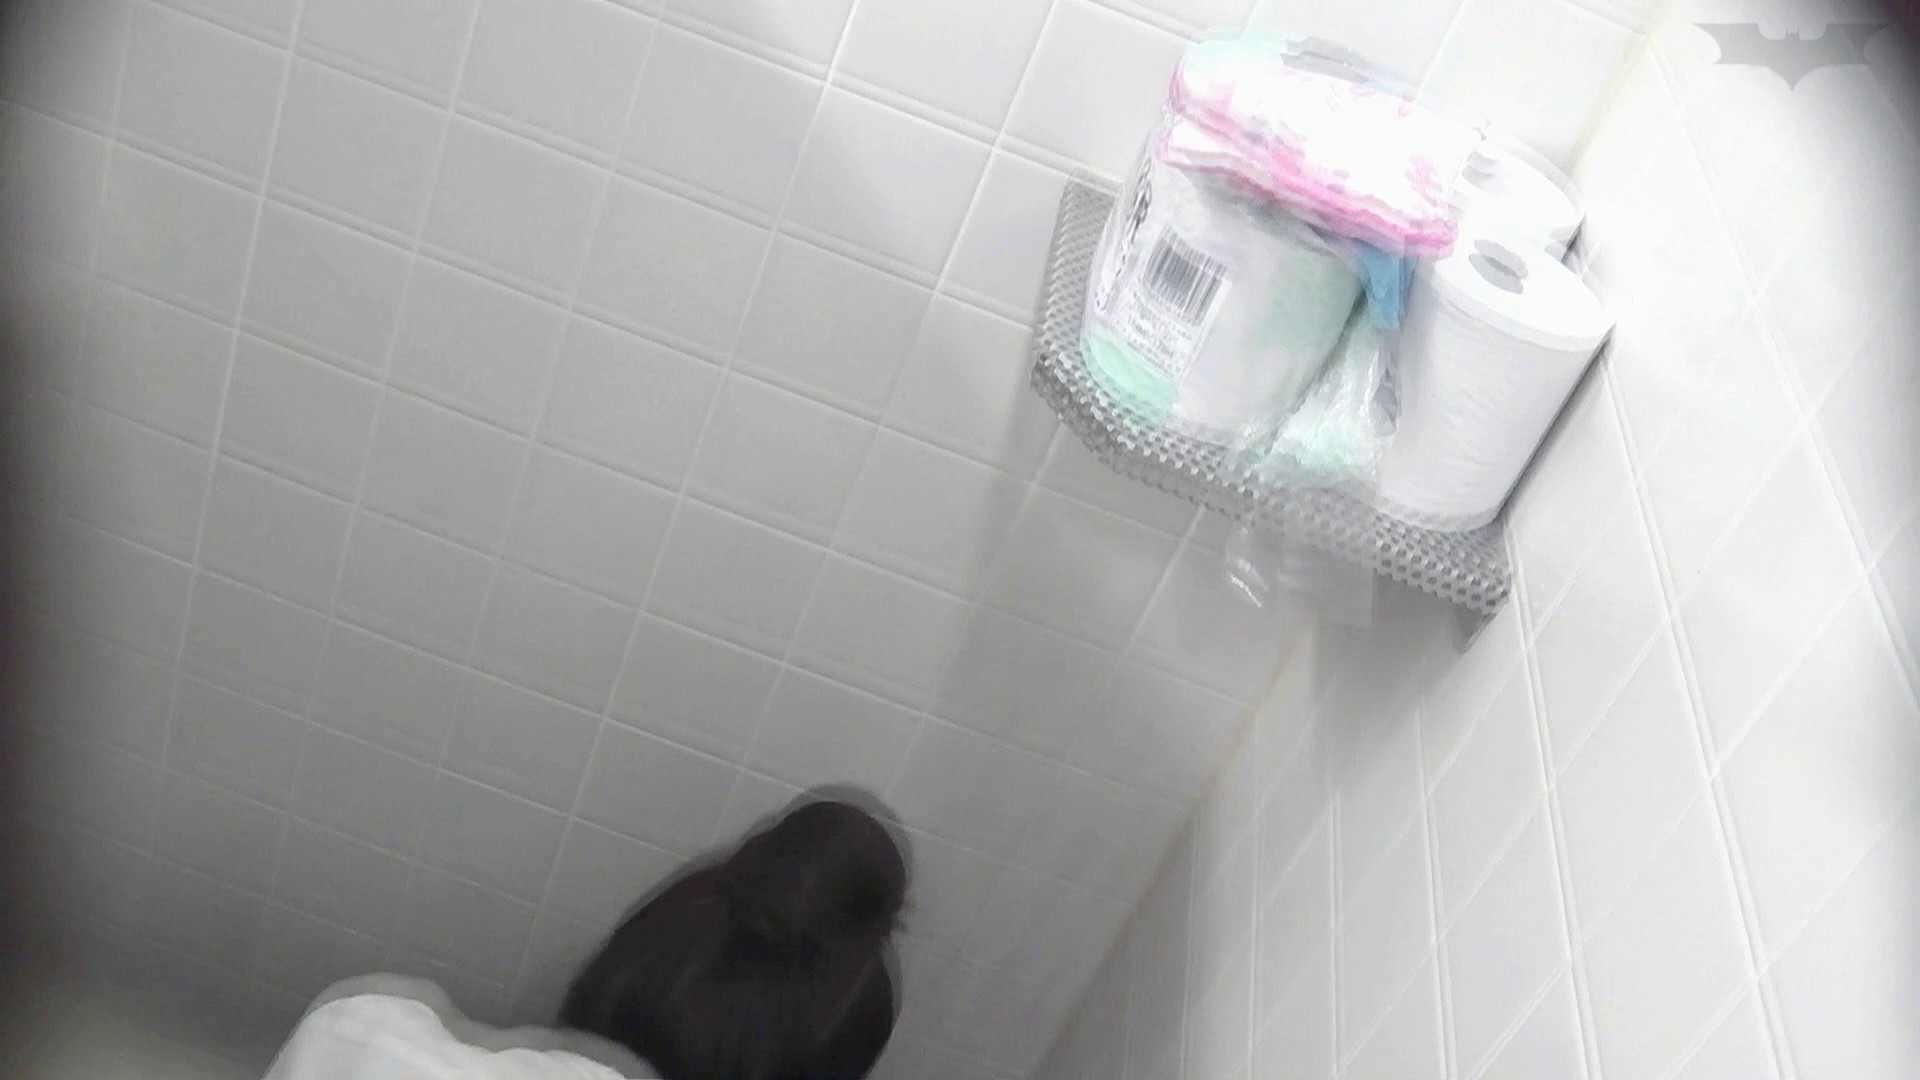 お銀 vol.72 あのかわいい子がついフロント撮り実演 洗面所 セックス無修正動画無料 88PIX 29